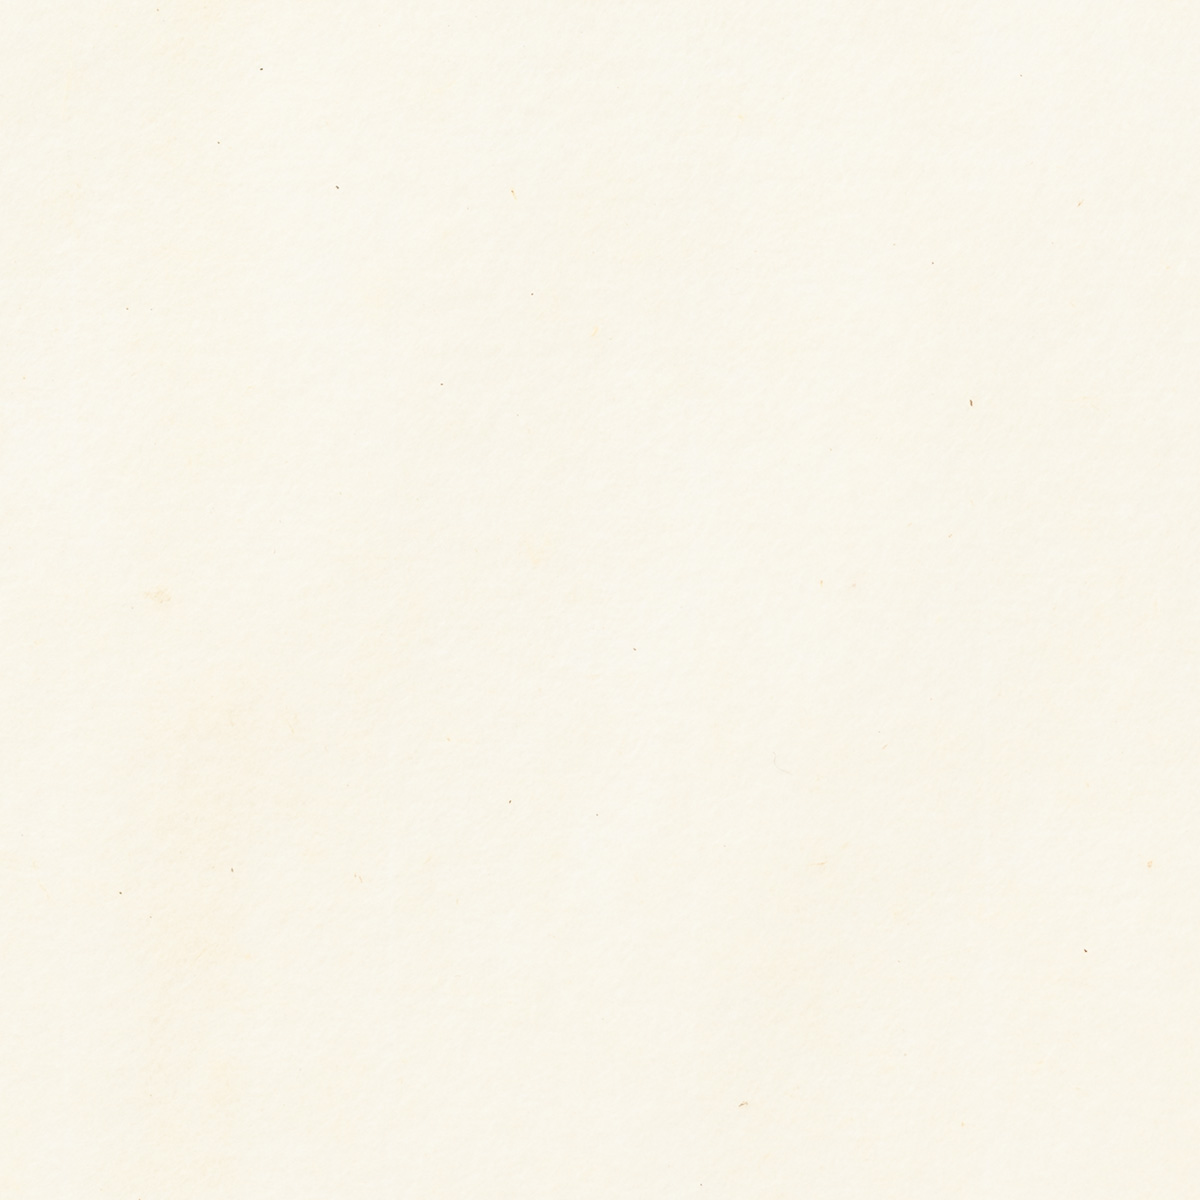 横野 便箋用紙